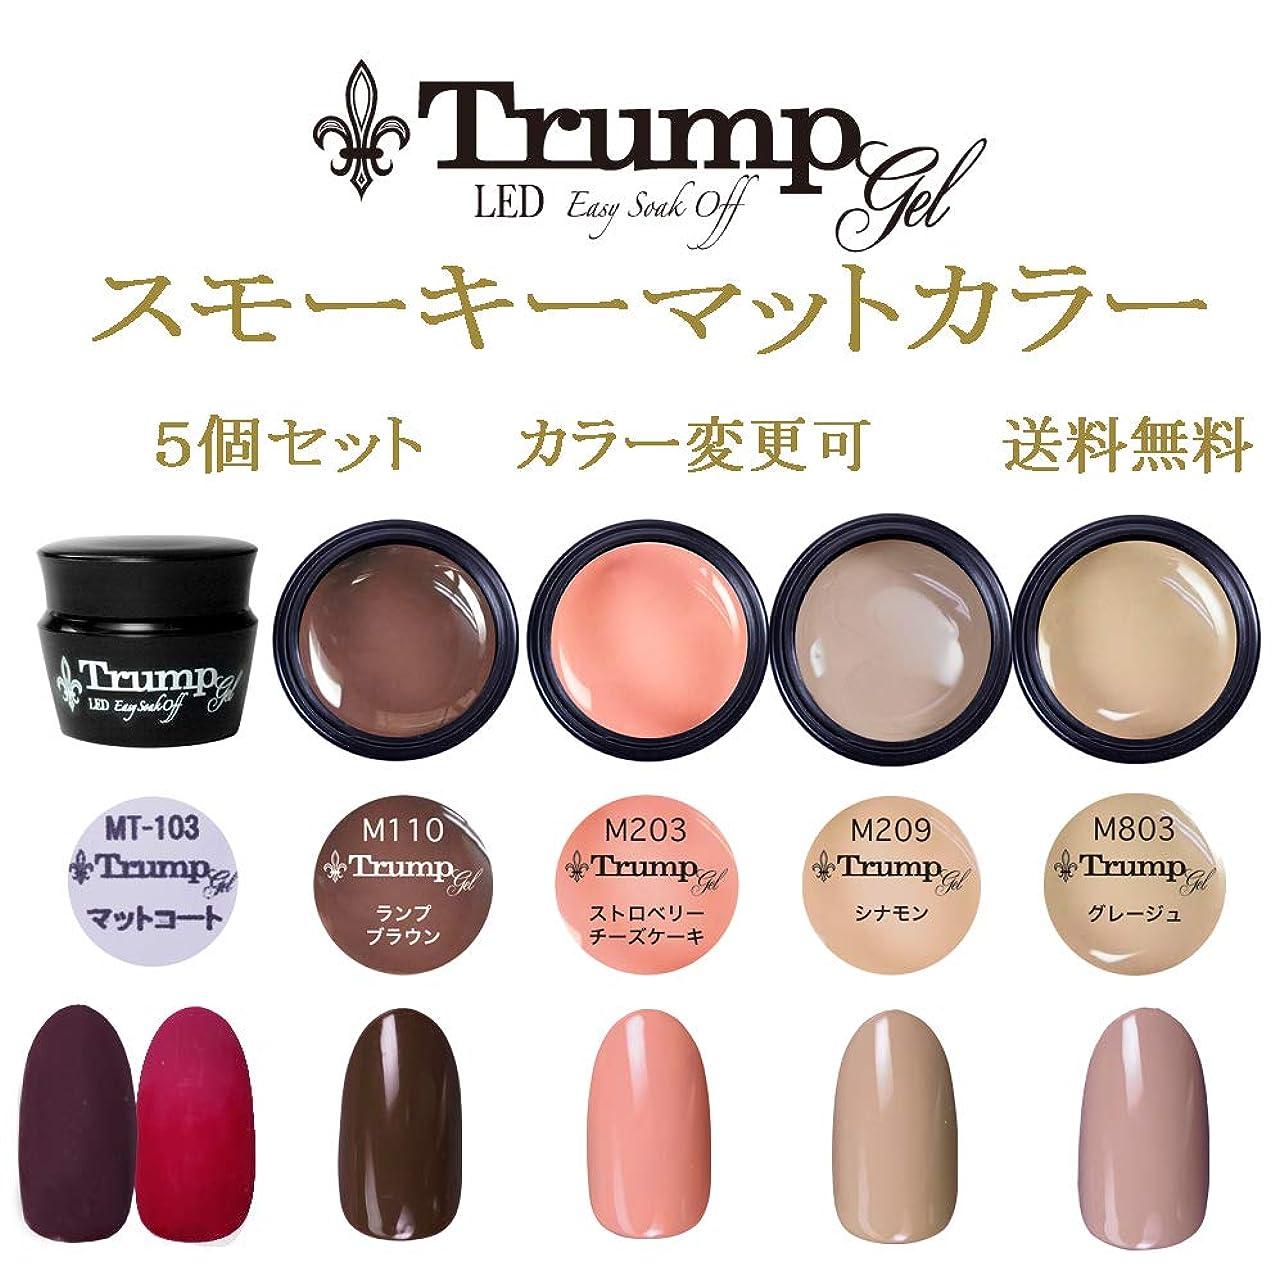 リード降臨鉱石【送料無料】日本製 Trump gel トランプジェル スモーキーマット カラージェル 5個セット 魅惑のフロストマットトップとマットに合う人気カラーをチョイス